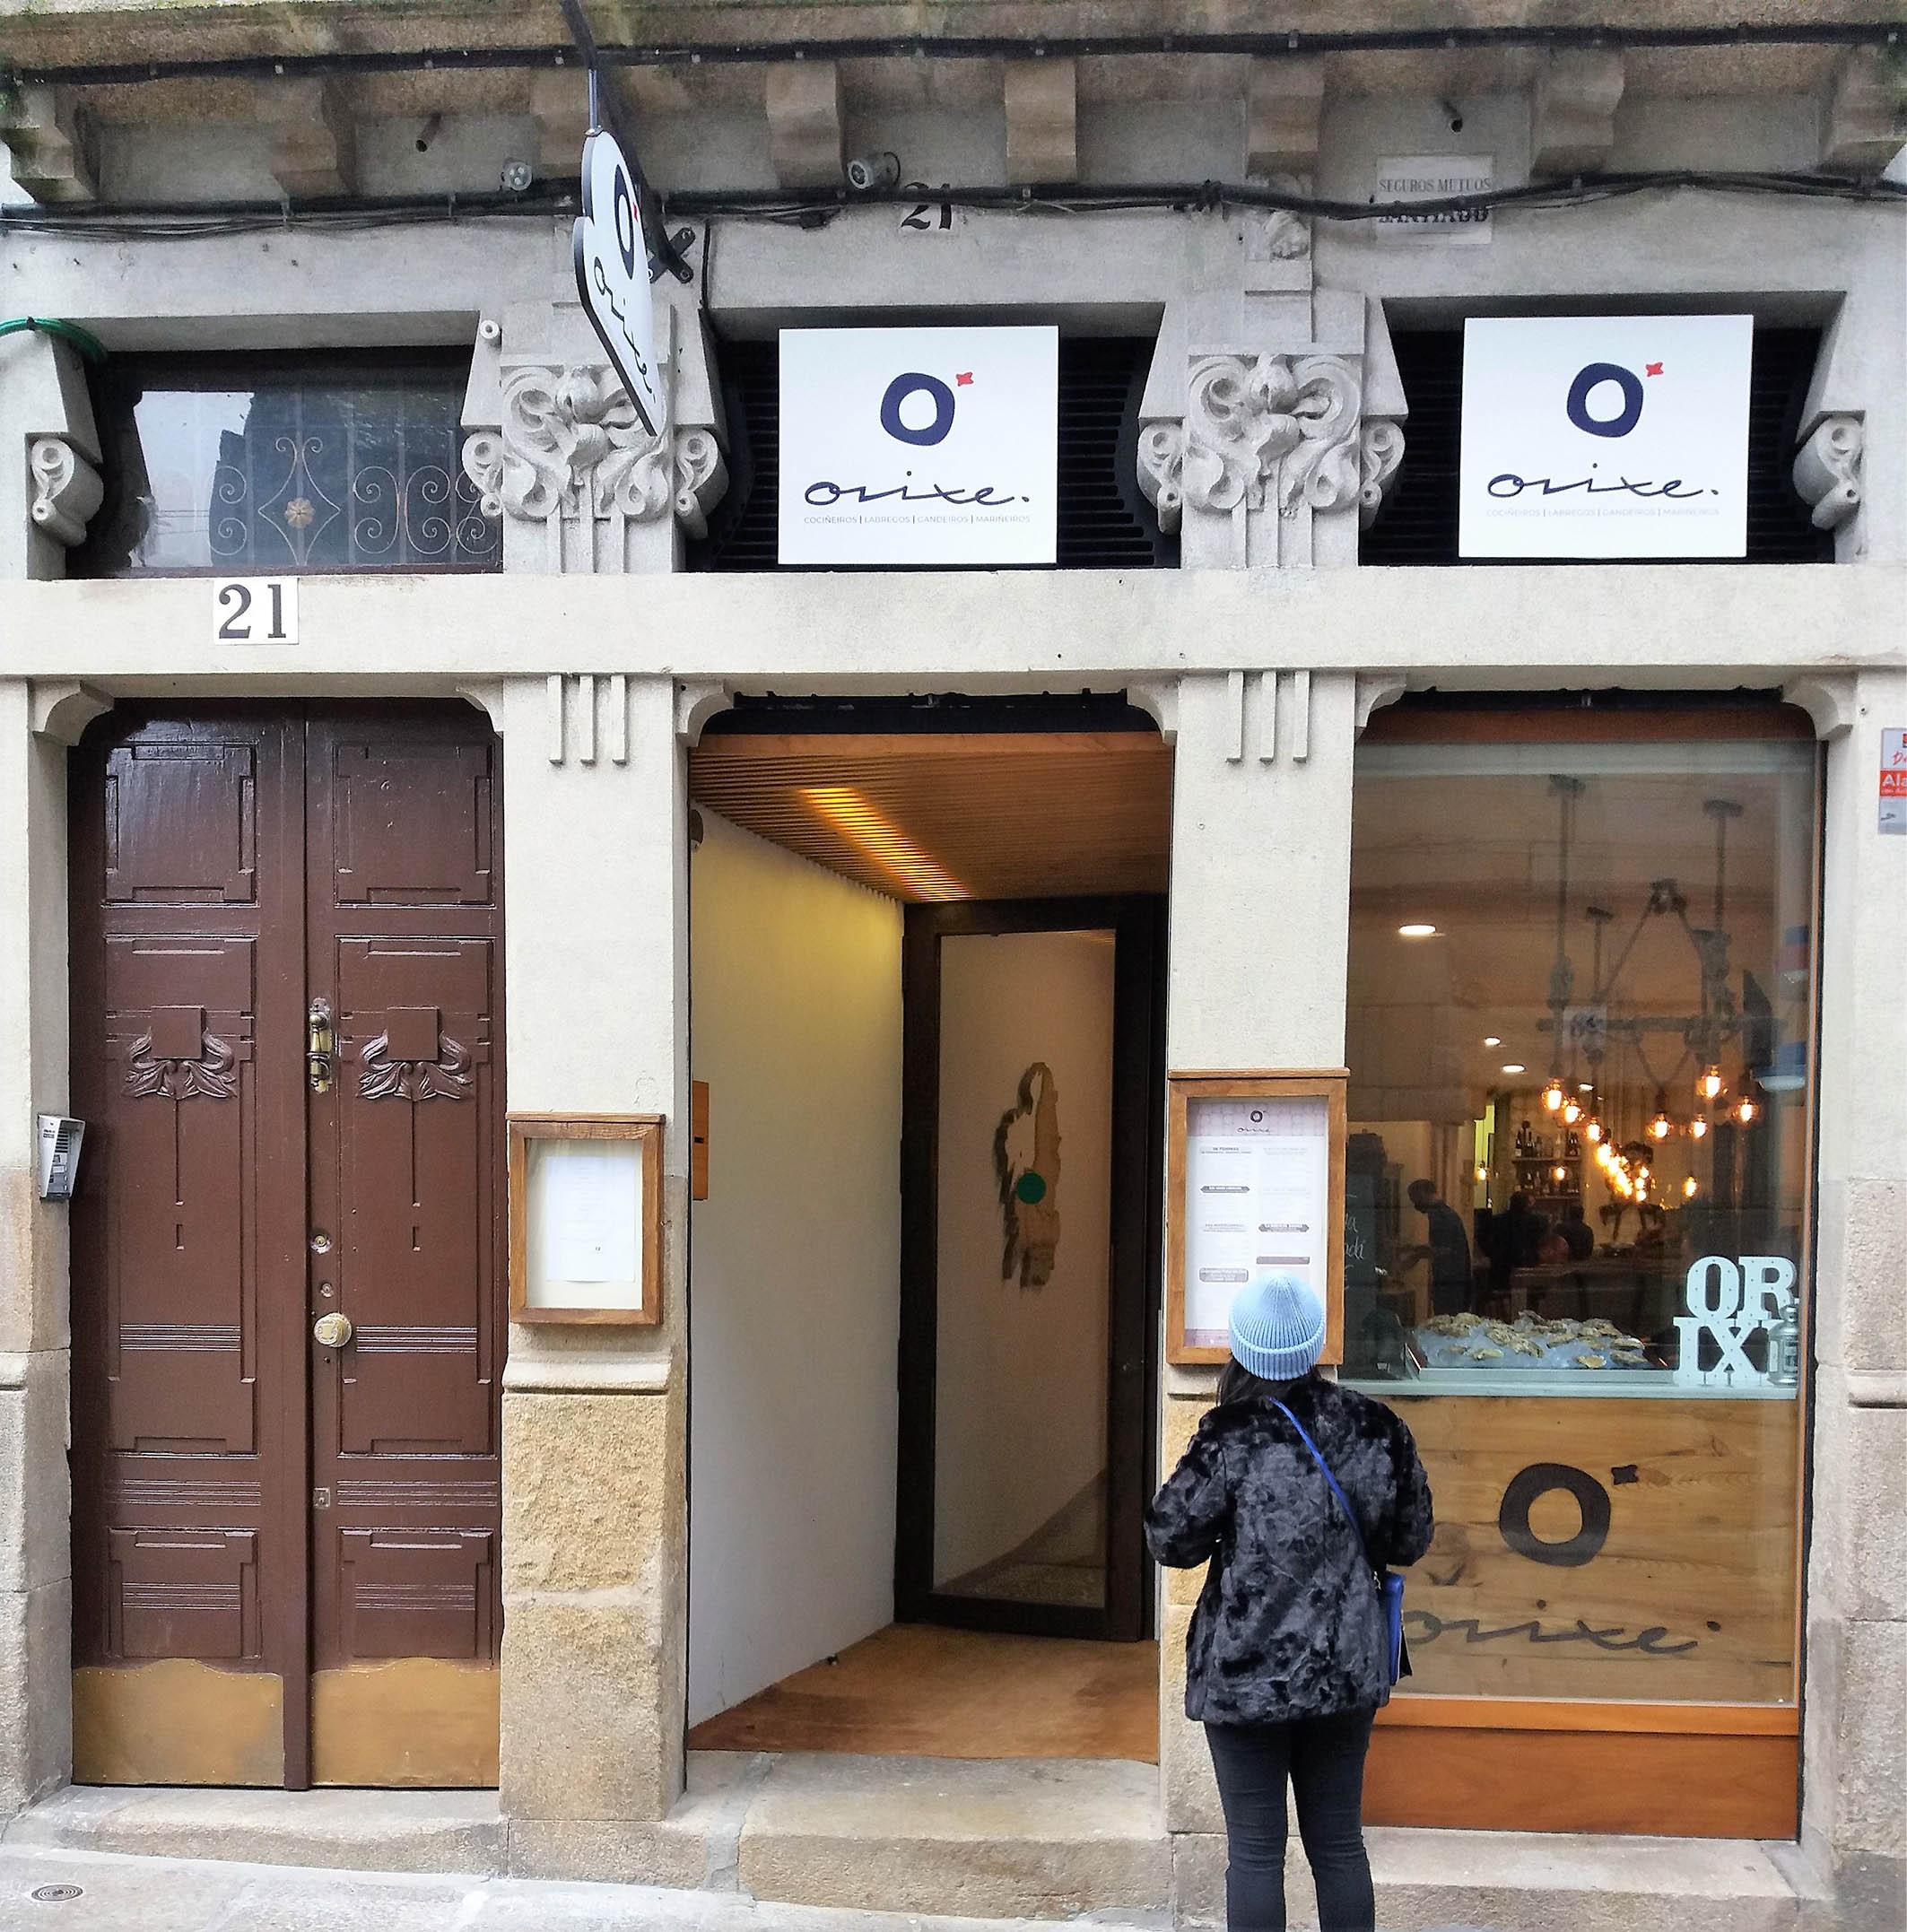 O 28 de setembro remata o prazo para solicitar as axudas do Consorcio para a adecuación dos locais comerciais da cidade histórica